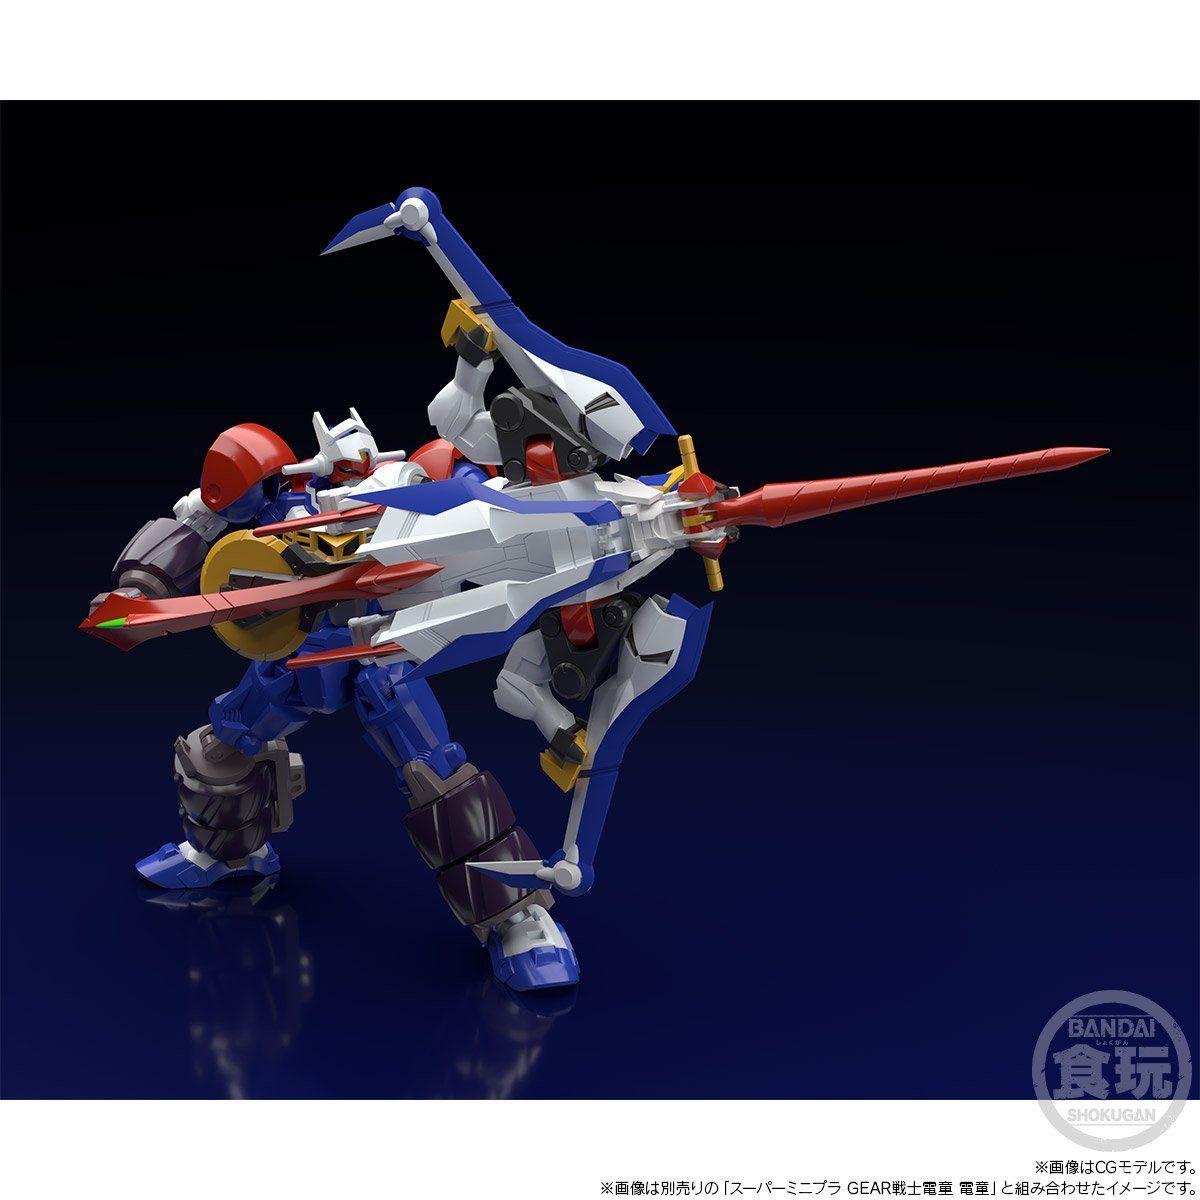 【限定販売】【食玩】スーパーミニプラ『超獣王 輝刃』GEAR戦士電童 プラモデル-005